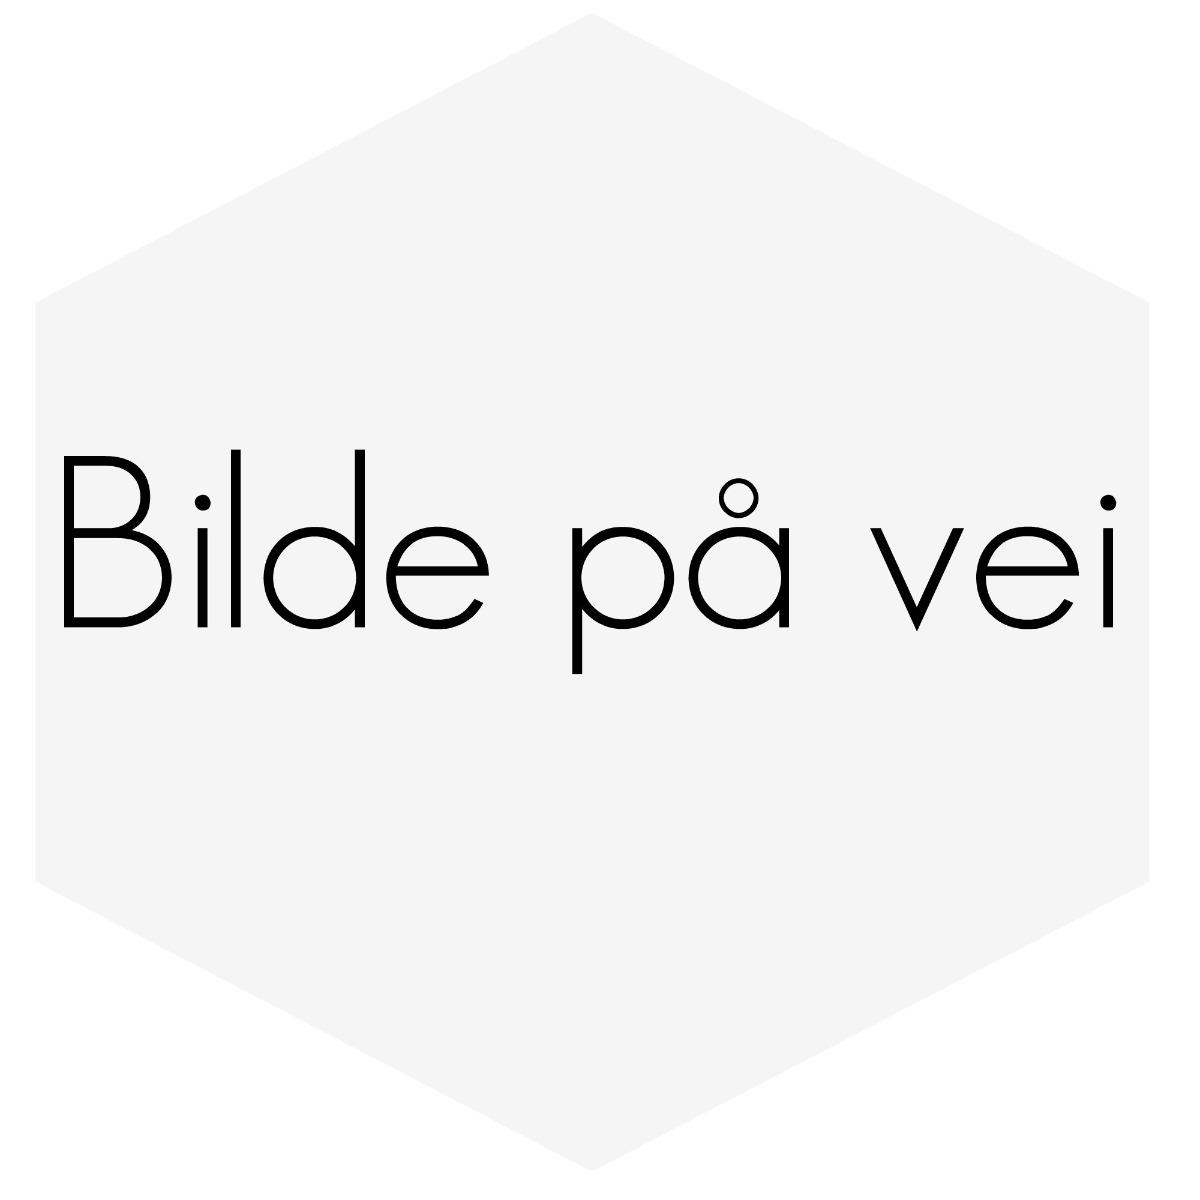 STØTFANGER PLAST FORAN TIL VOLVO 240-81-93  1246585